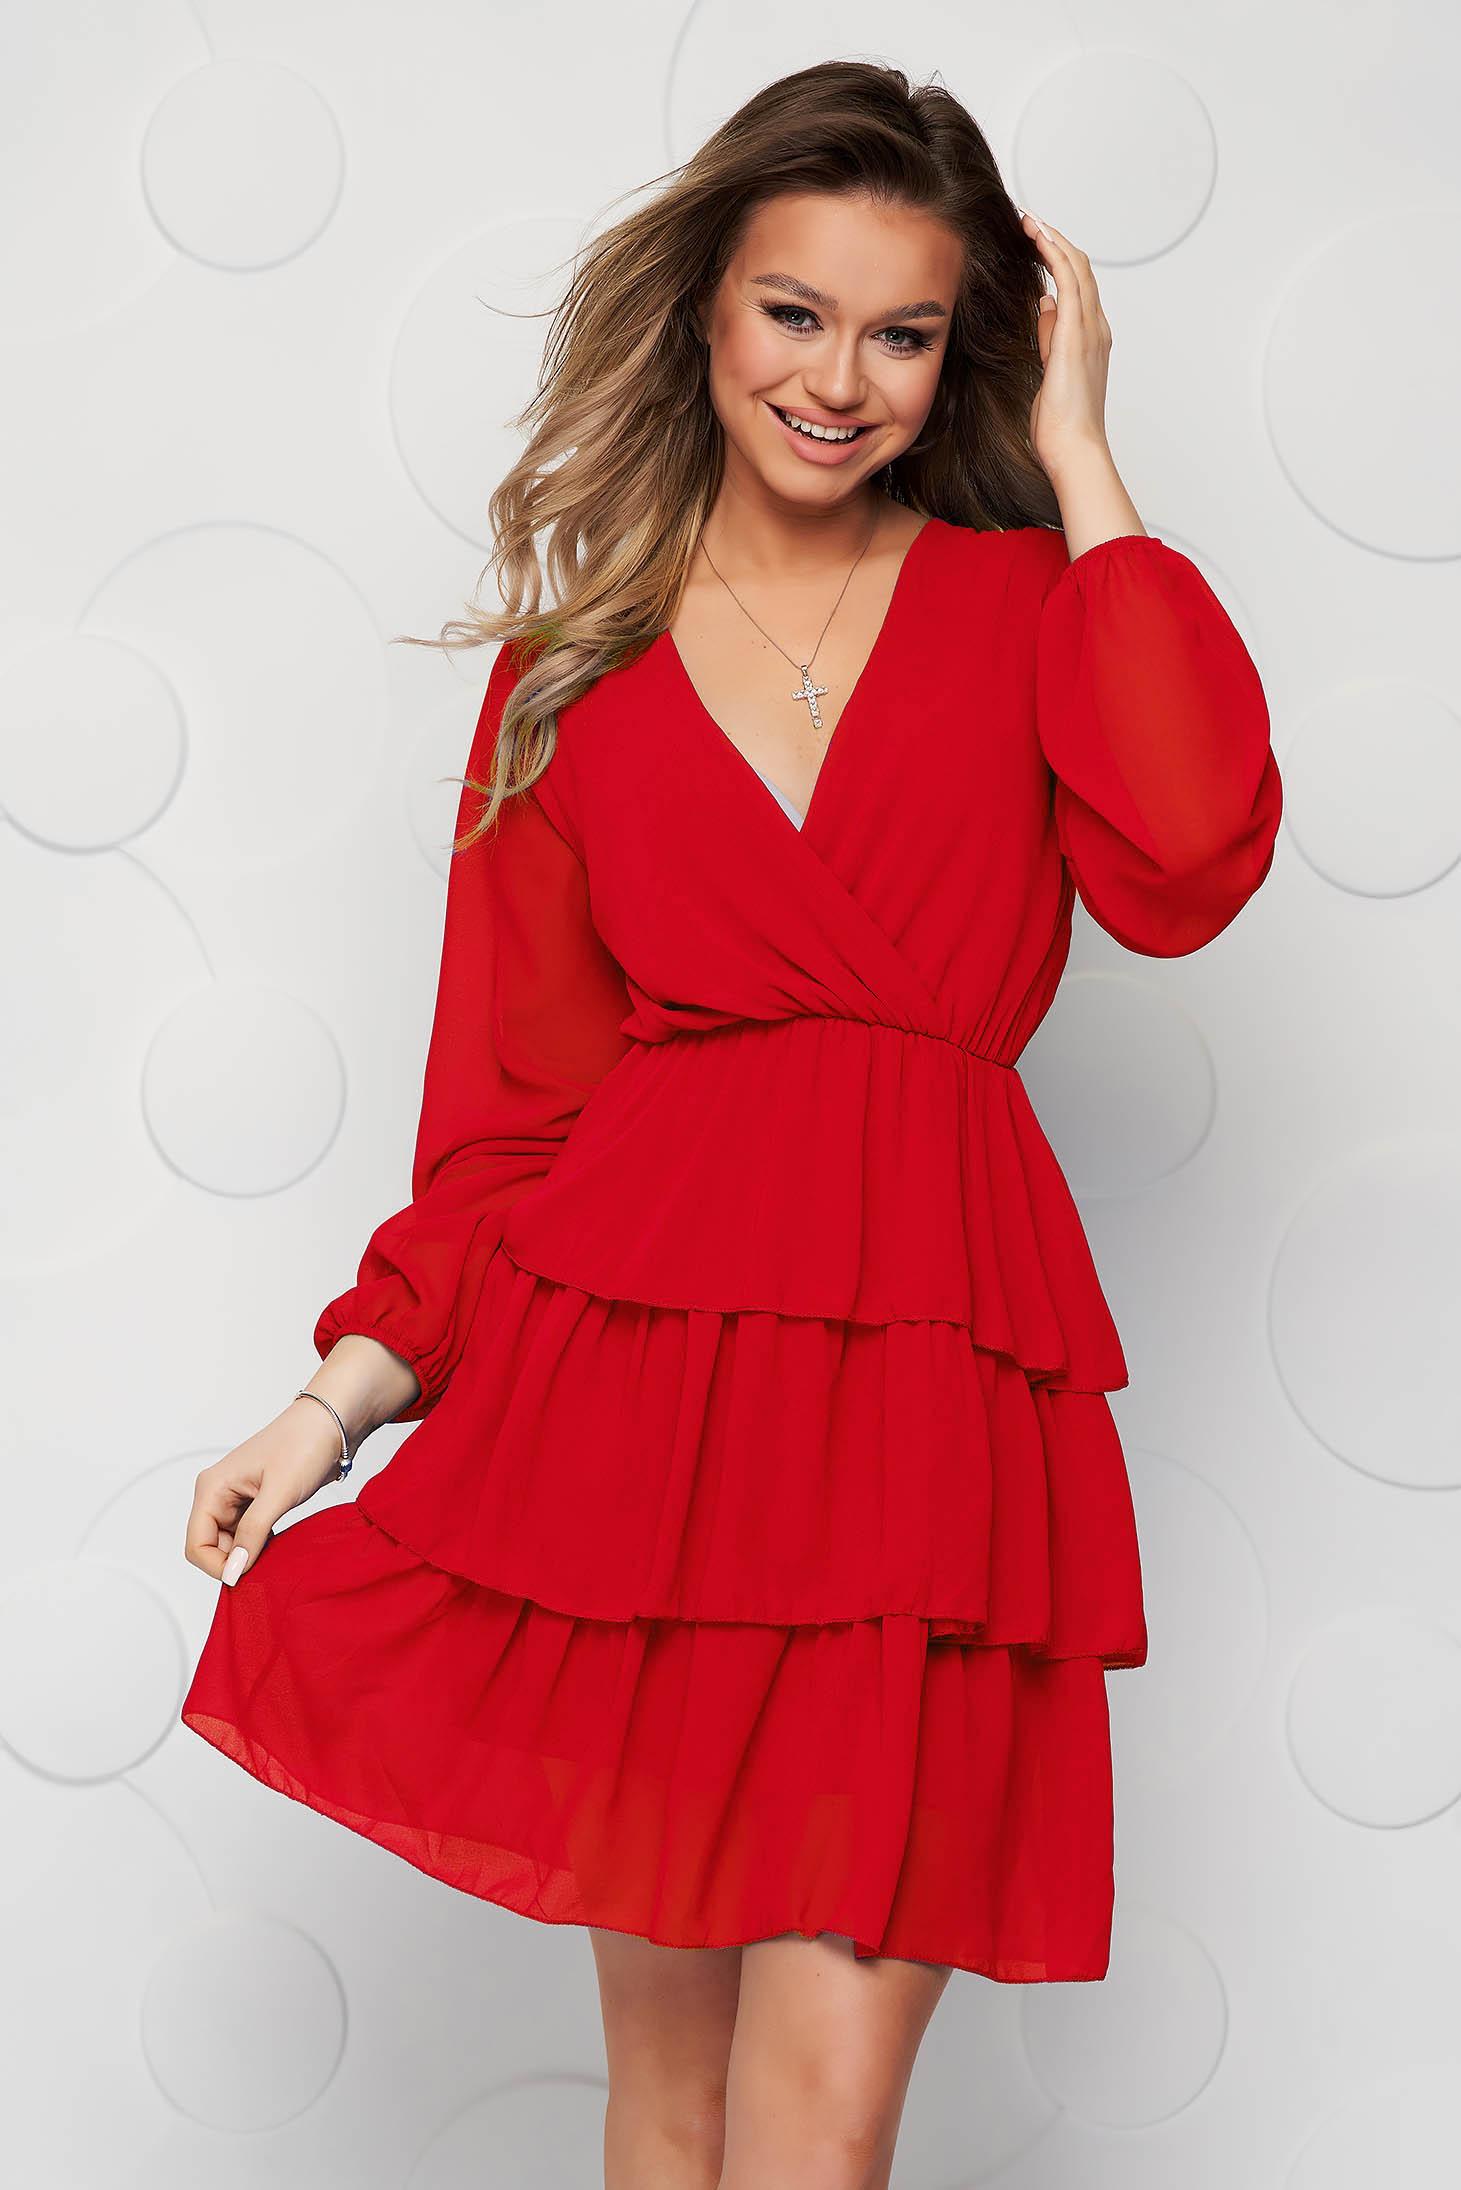 Piros fodros ruha muszlinból harang alakú gumirozott derékrésszel